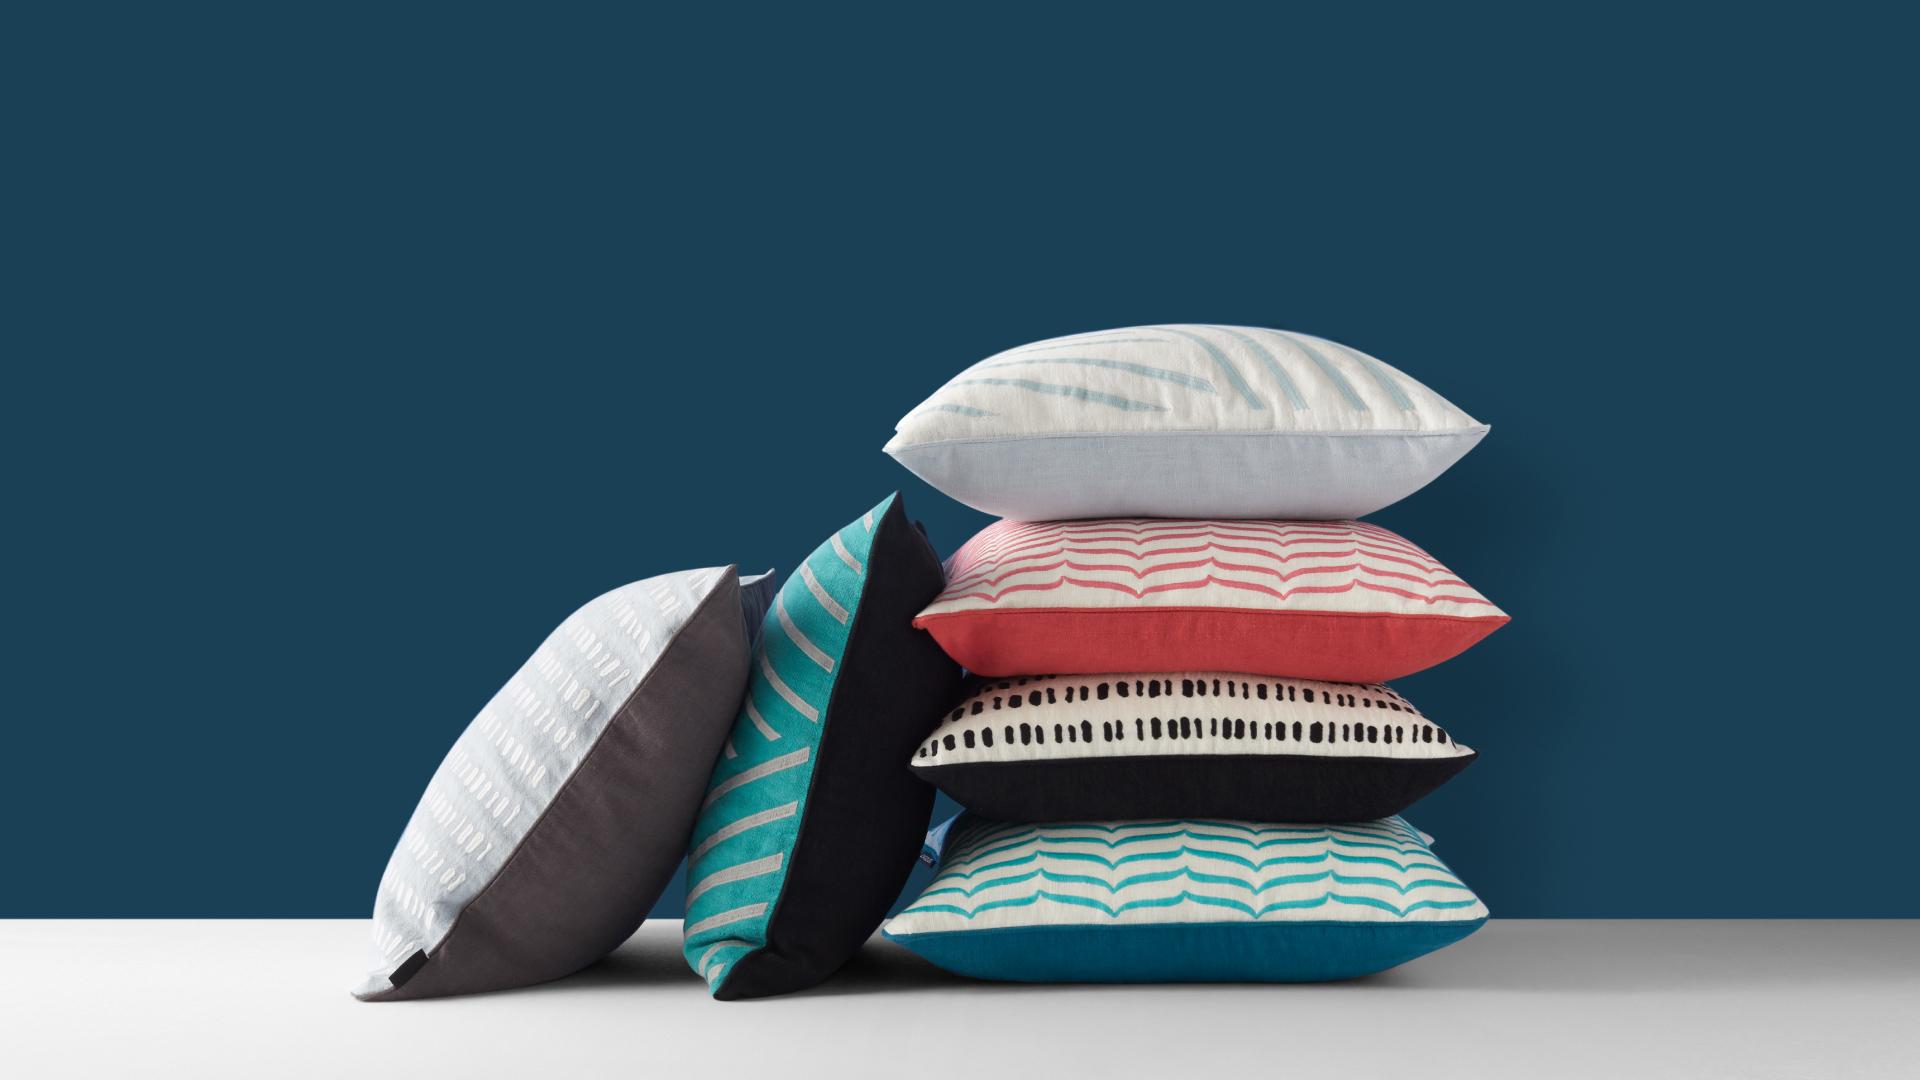 细语抱枕全系列,6种样式选择,房间素雅或艳丽,性格冷静或活泼,都能为你搭起格调。?x-oss-process=image/format,jpg/interlace,1